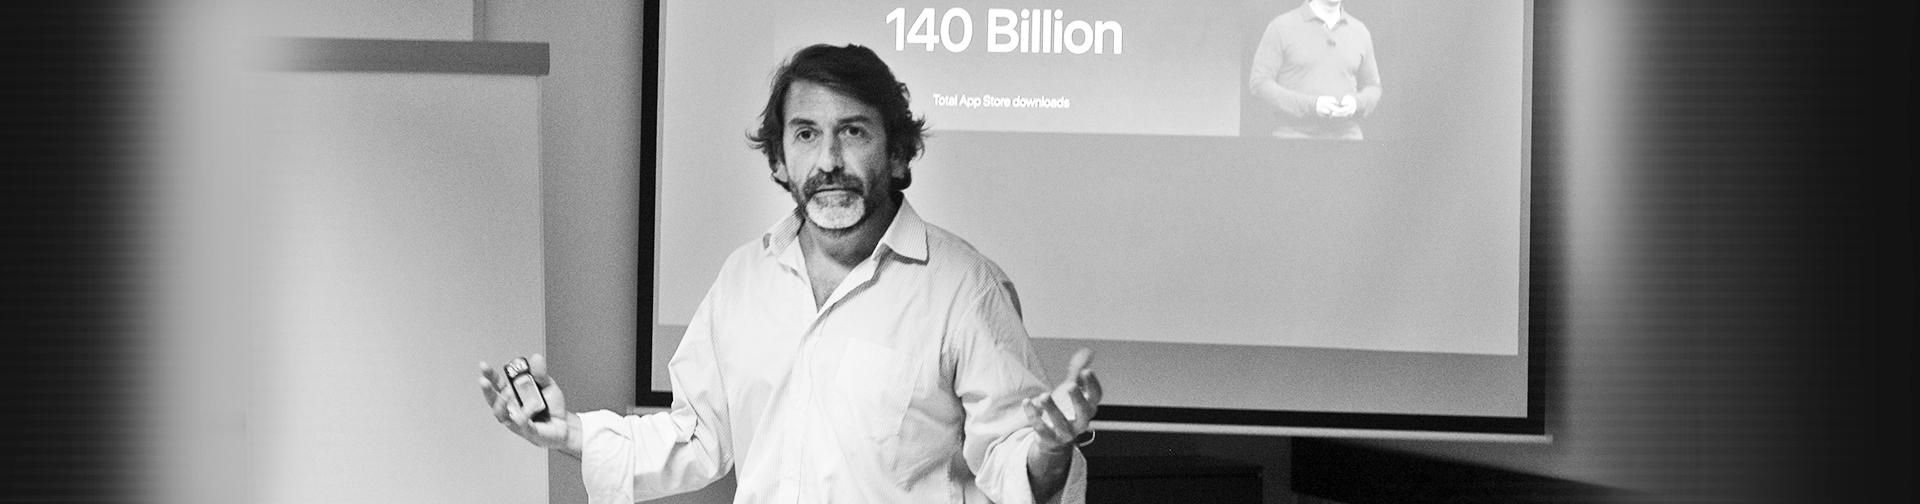 Estudiar Analítica de Negocios en Uruguay